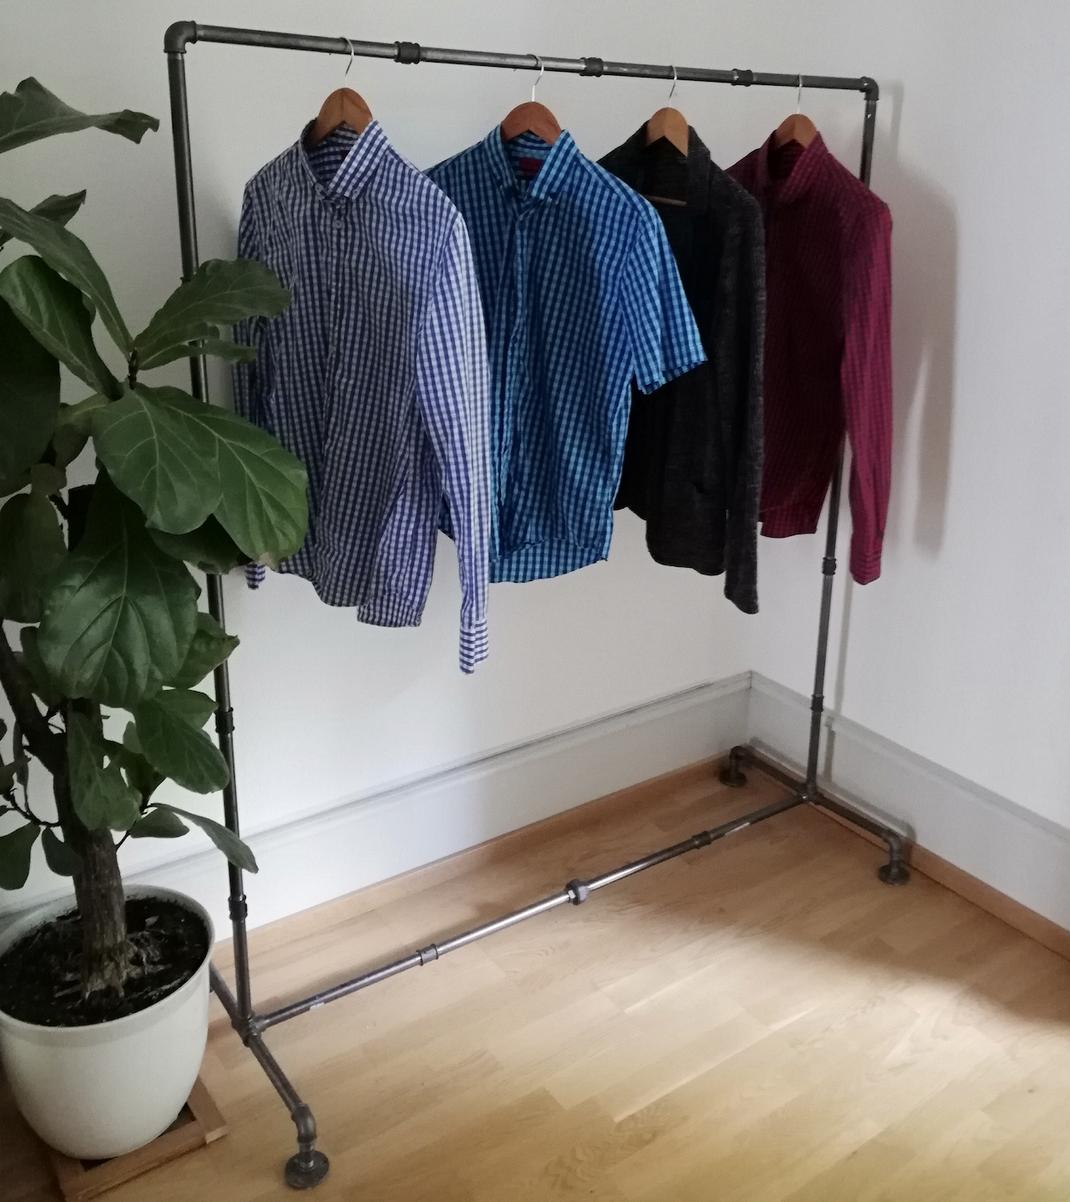 Vintage Garderobe Industrial Kleiderständer aus Rohren Rohrständer Industrie Wasserrohre Kleidergarderobe